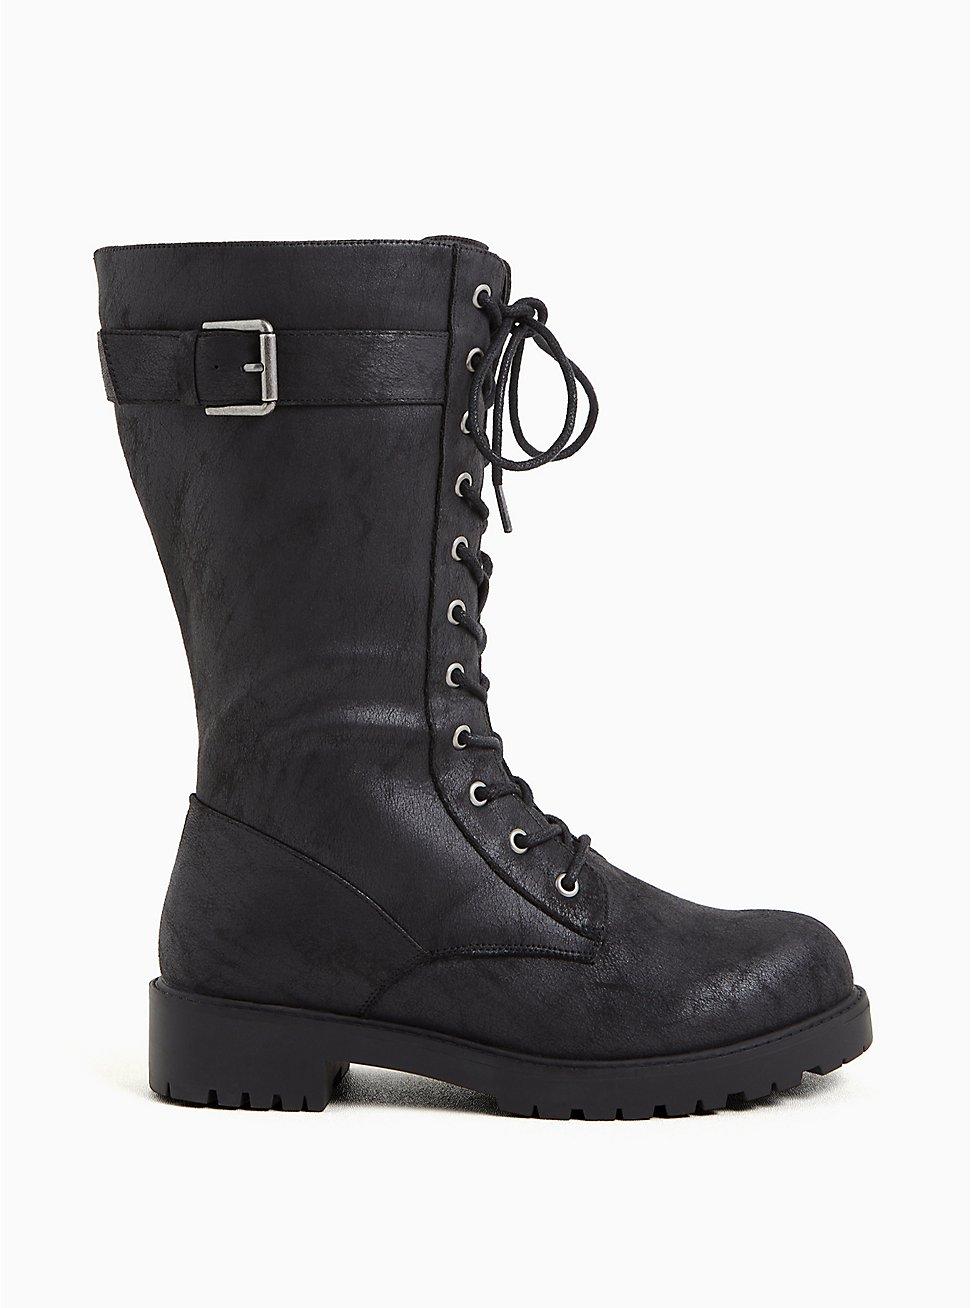 Black Oiled Faux Suede Lace-Up Combat Bootie (WW), BLACK, hi-res